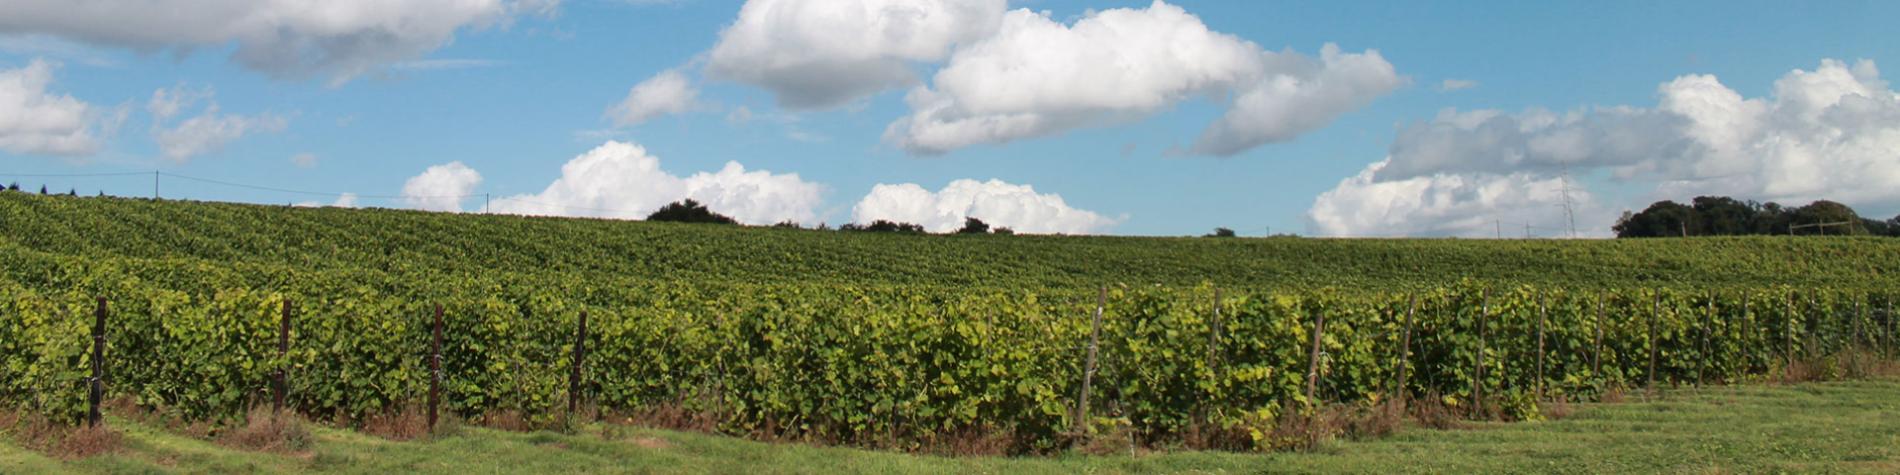 Vin - Domaine du Ry d'Argent - Namur - Bovesse - Vignoble - raisin - chai - cuvée